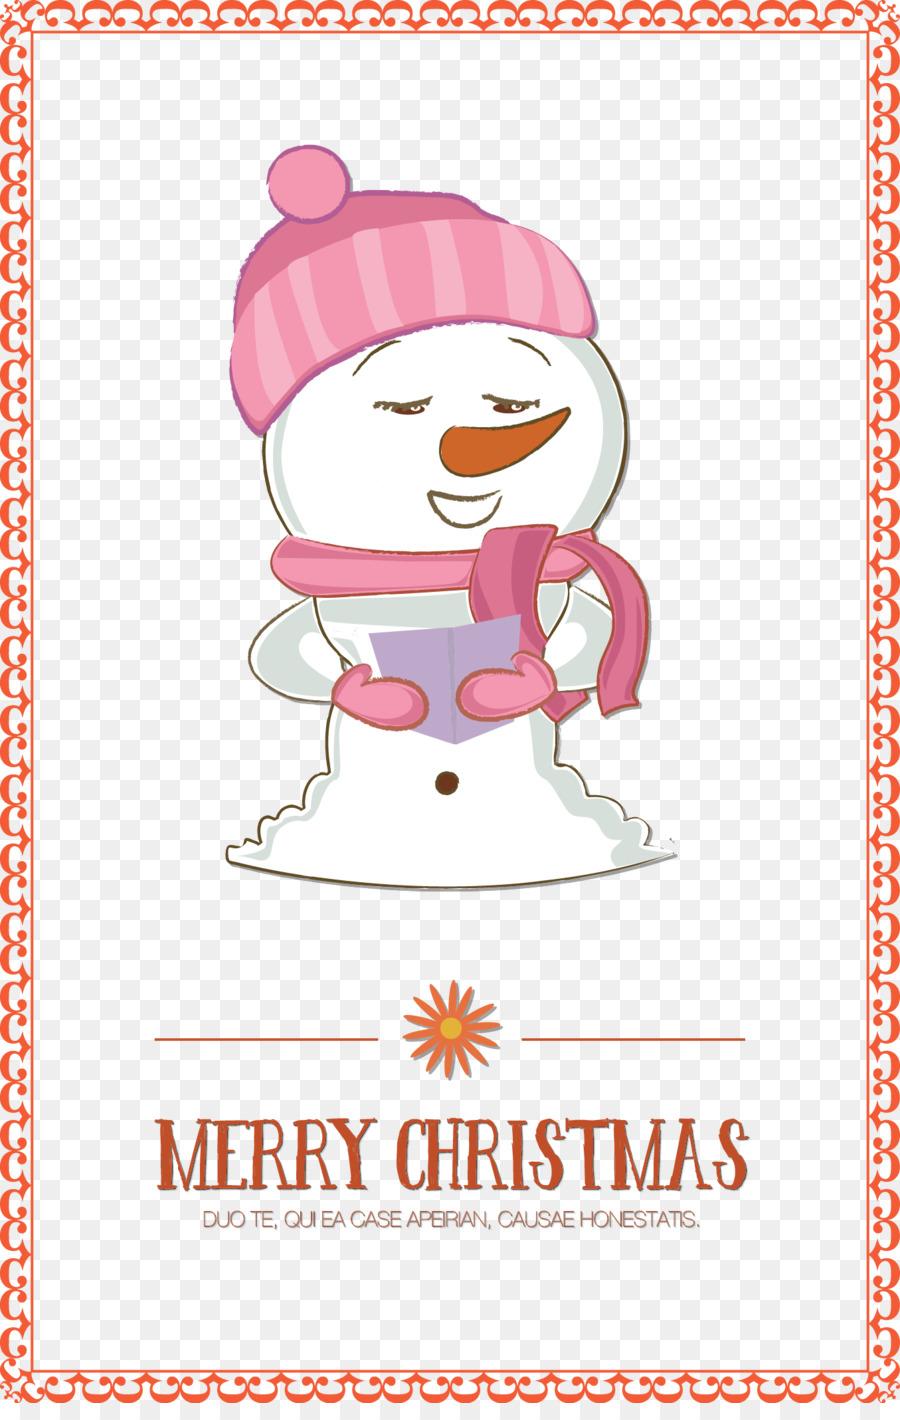 Descarga gratuita de Muñeco De Nieve, De Dibujos Animados, La Navidad Imágen de Png